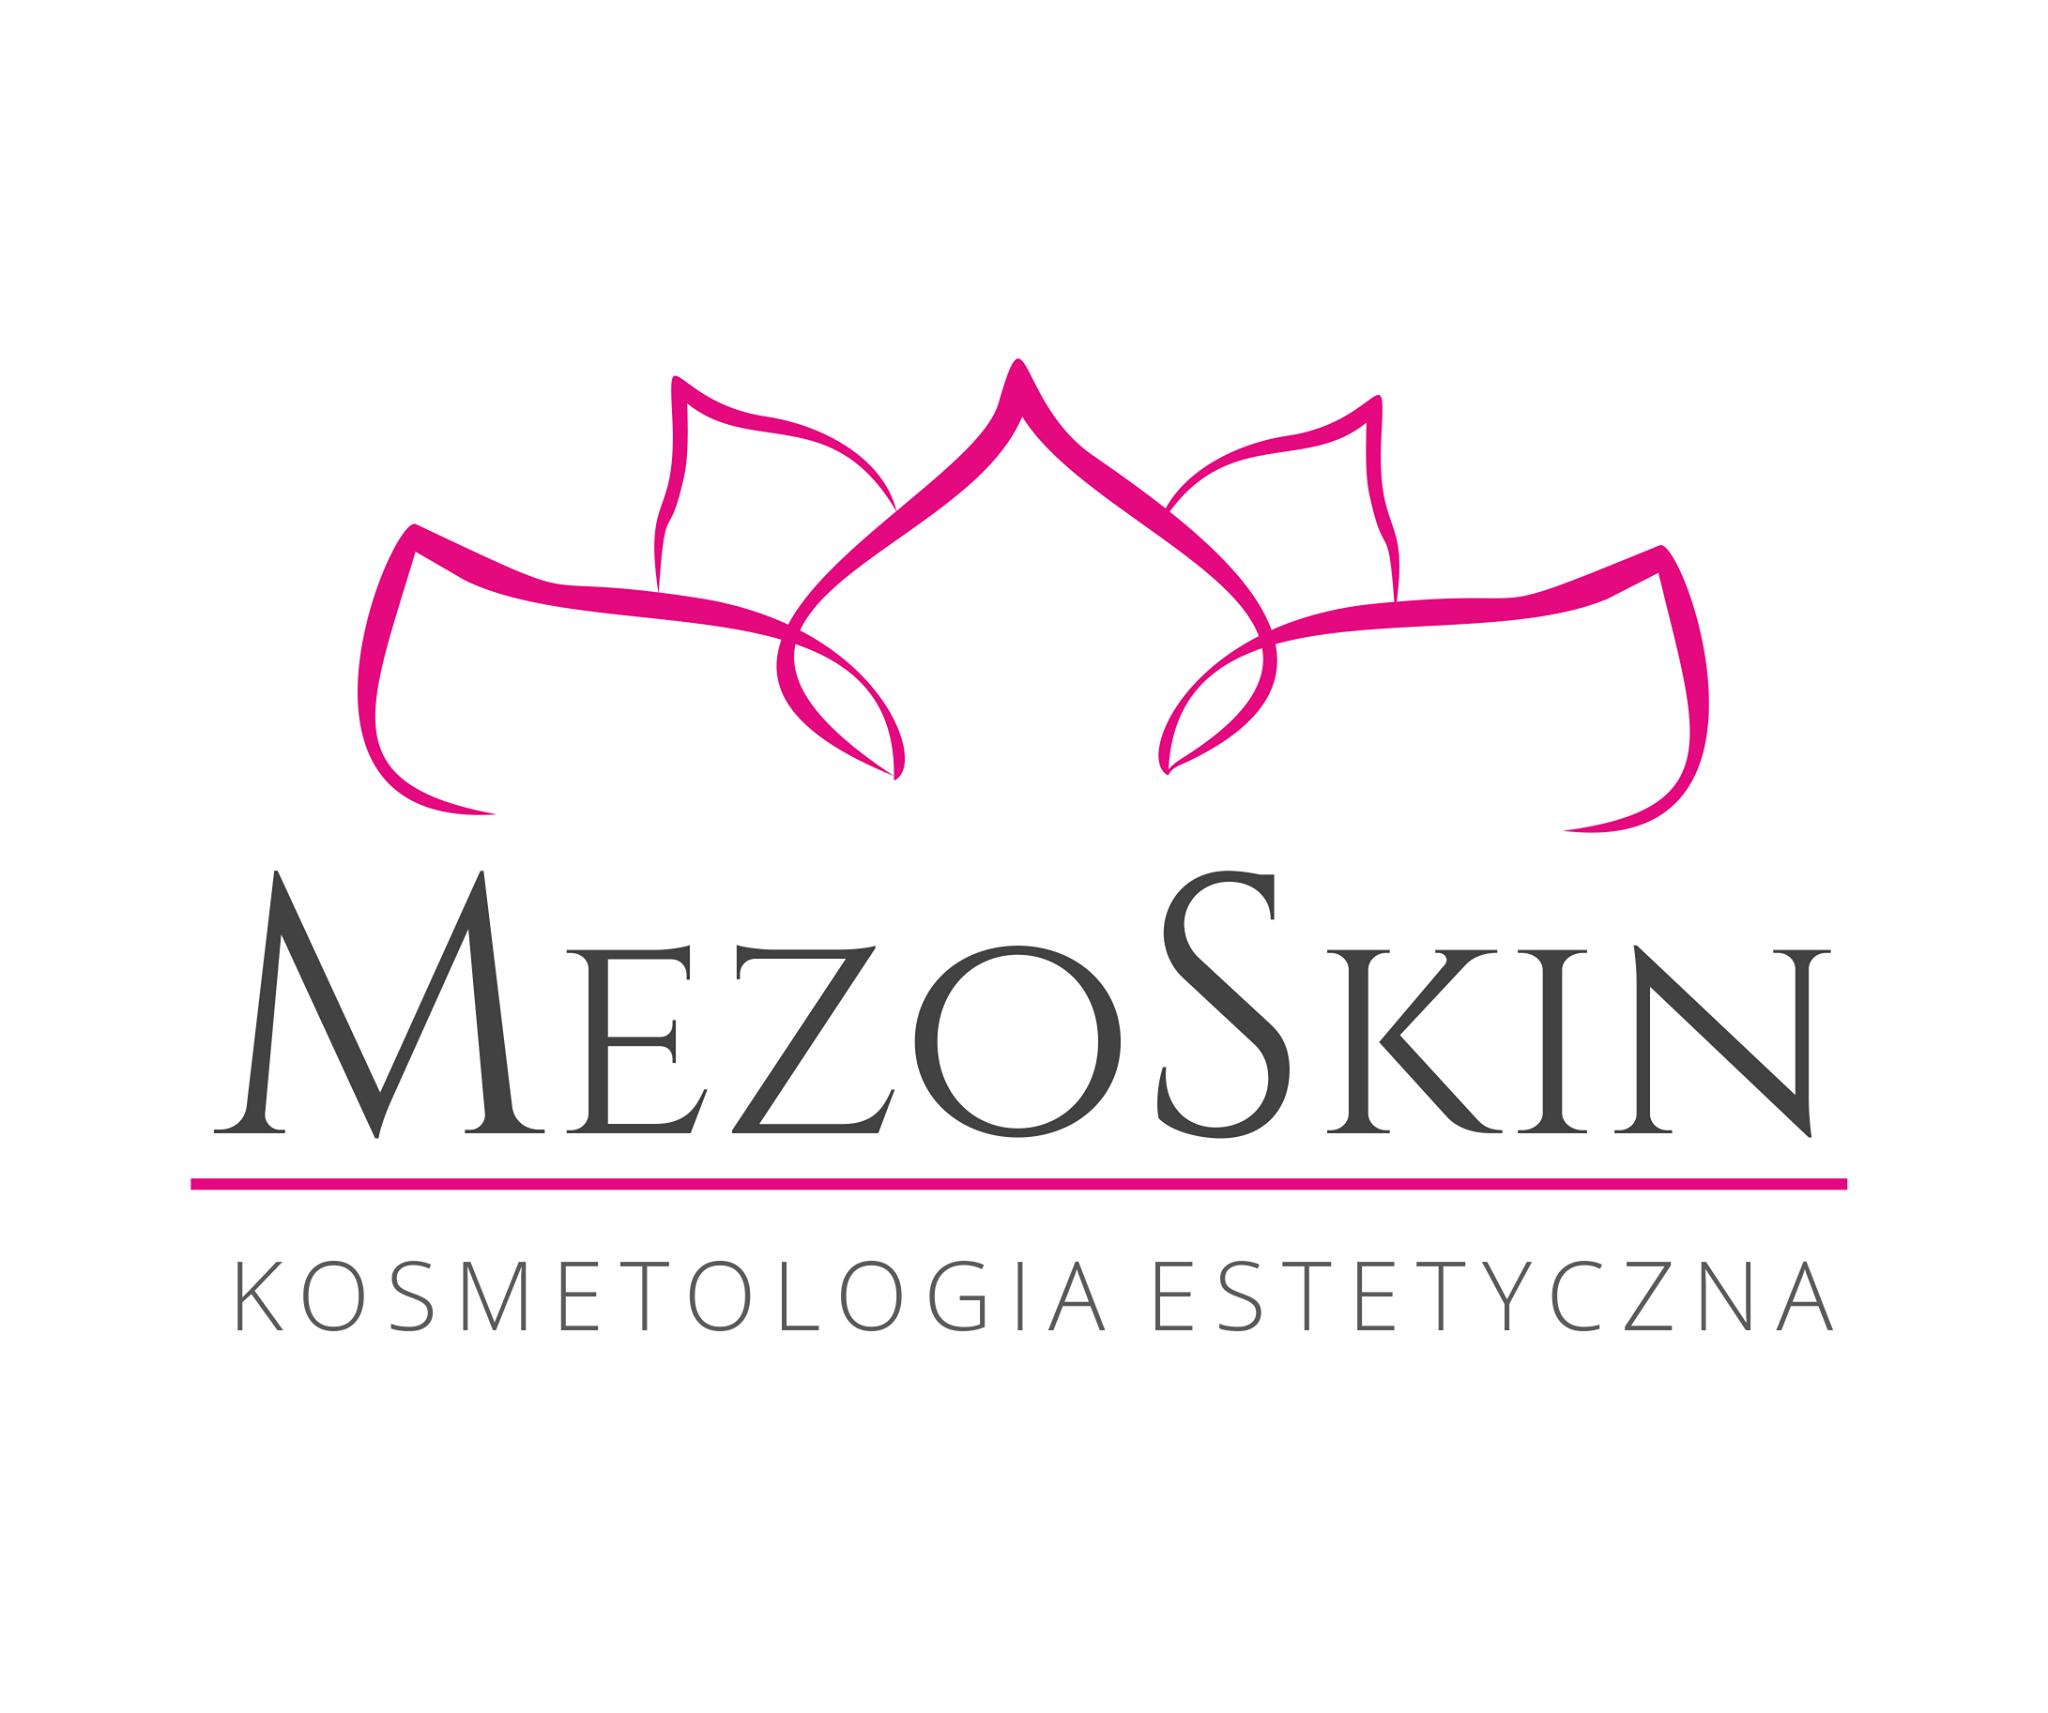 MezoSkin